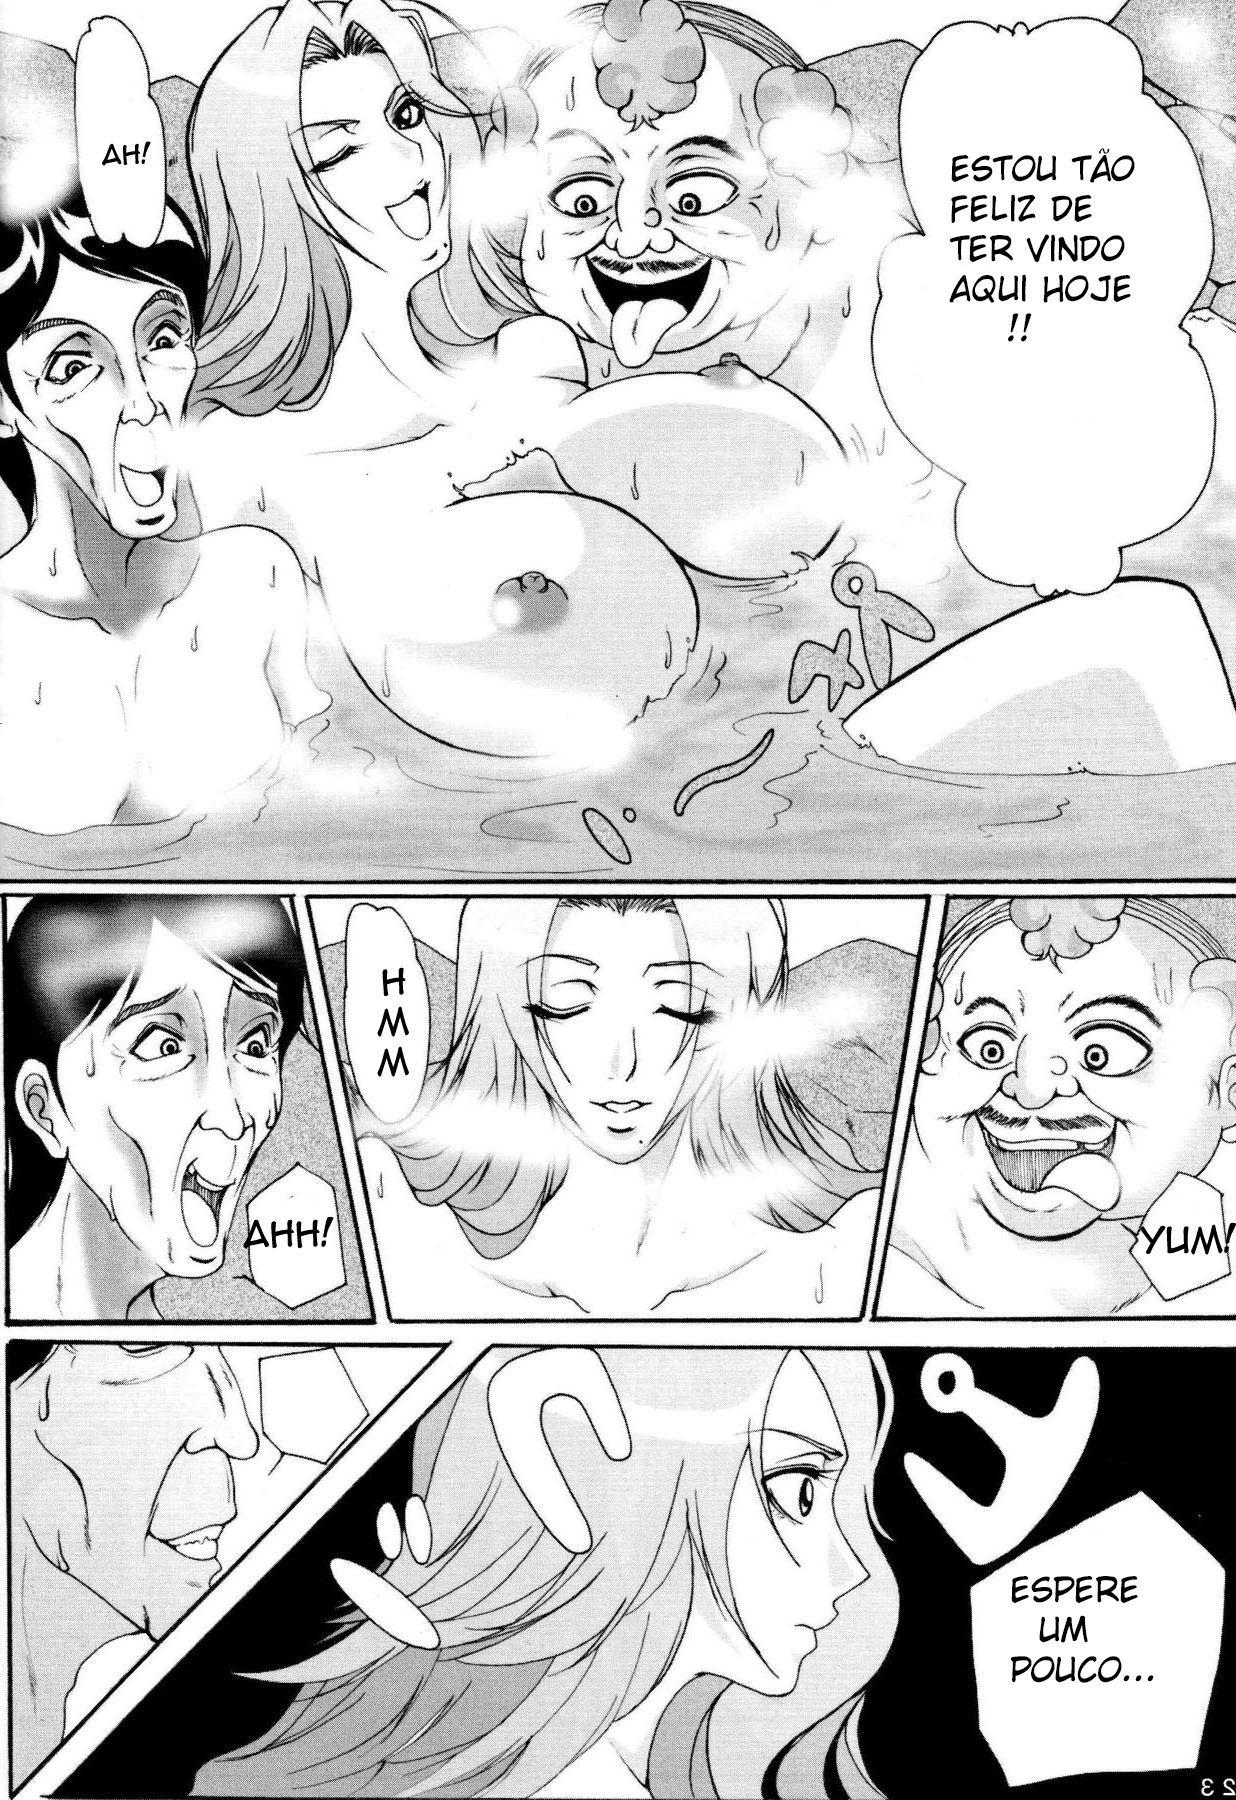 Jinta-garoto-virgem-pervertido-20